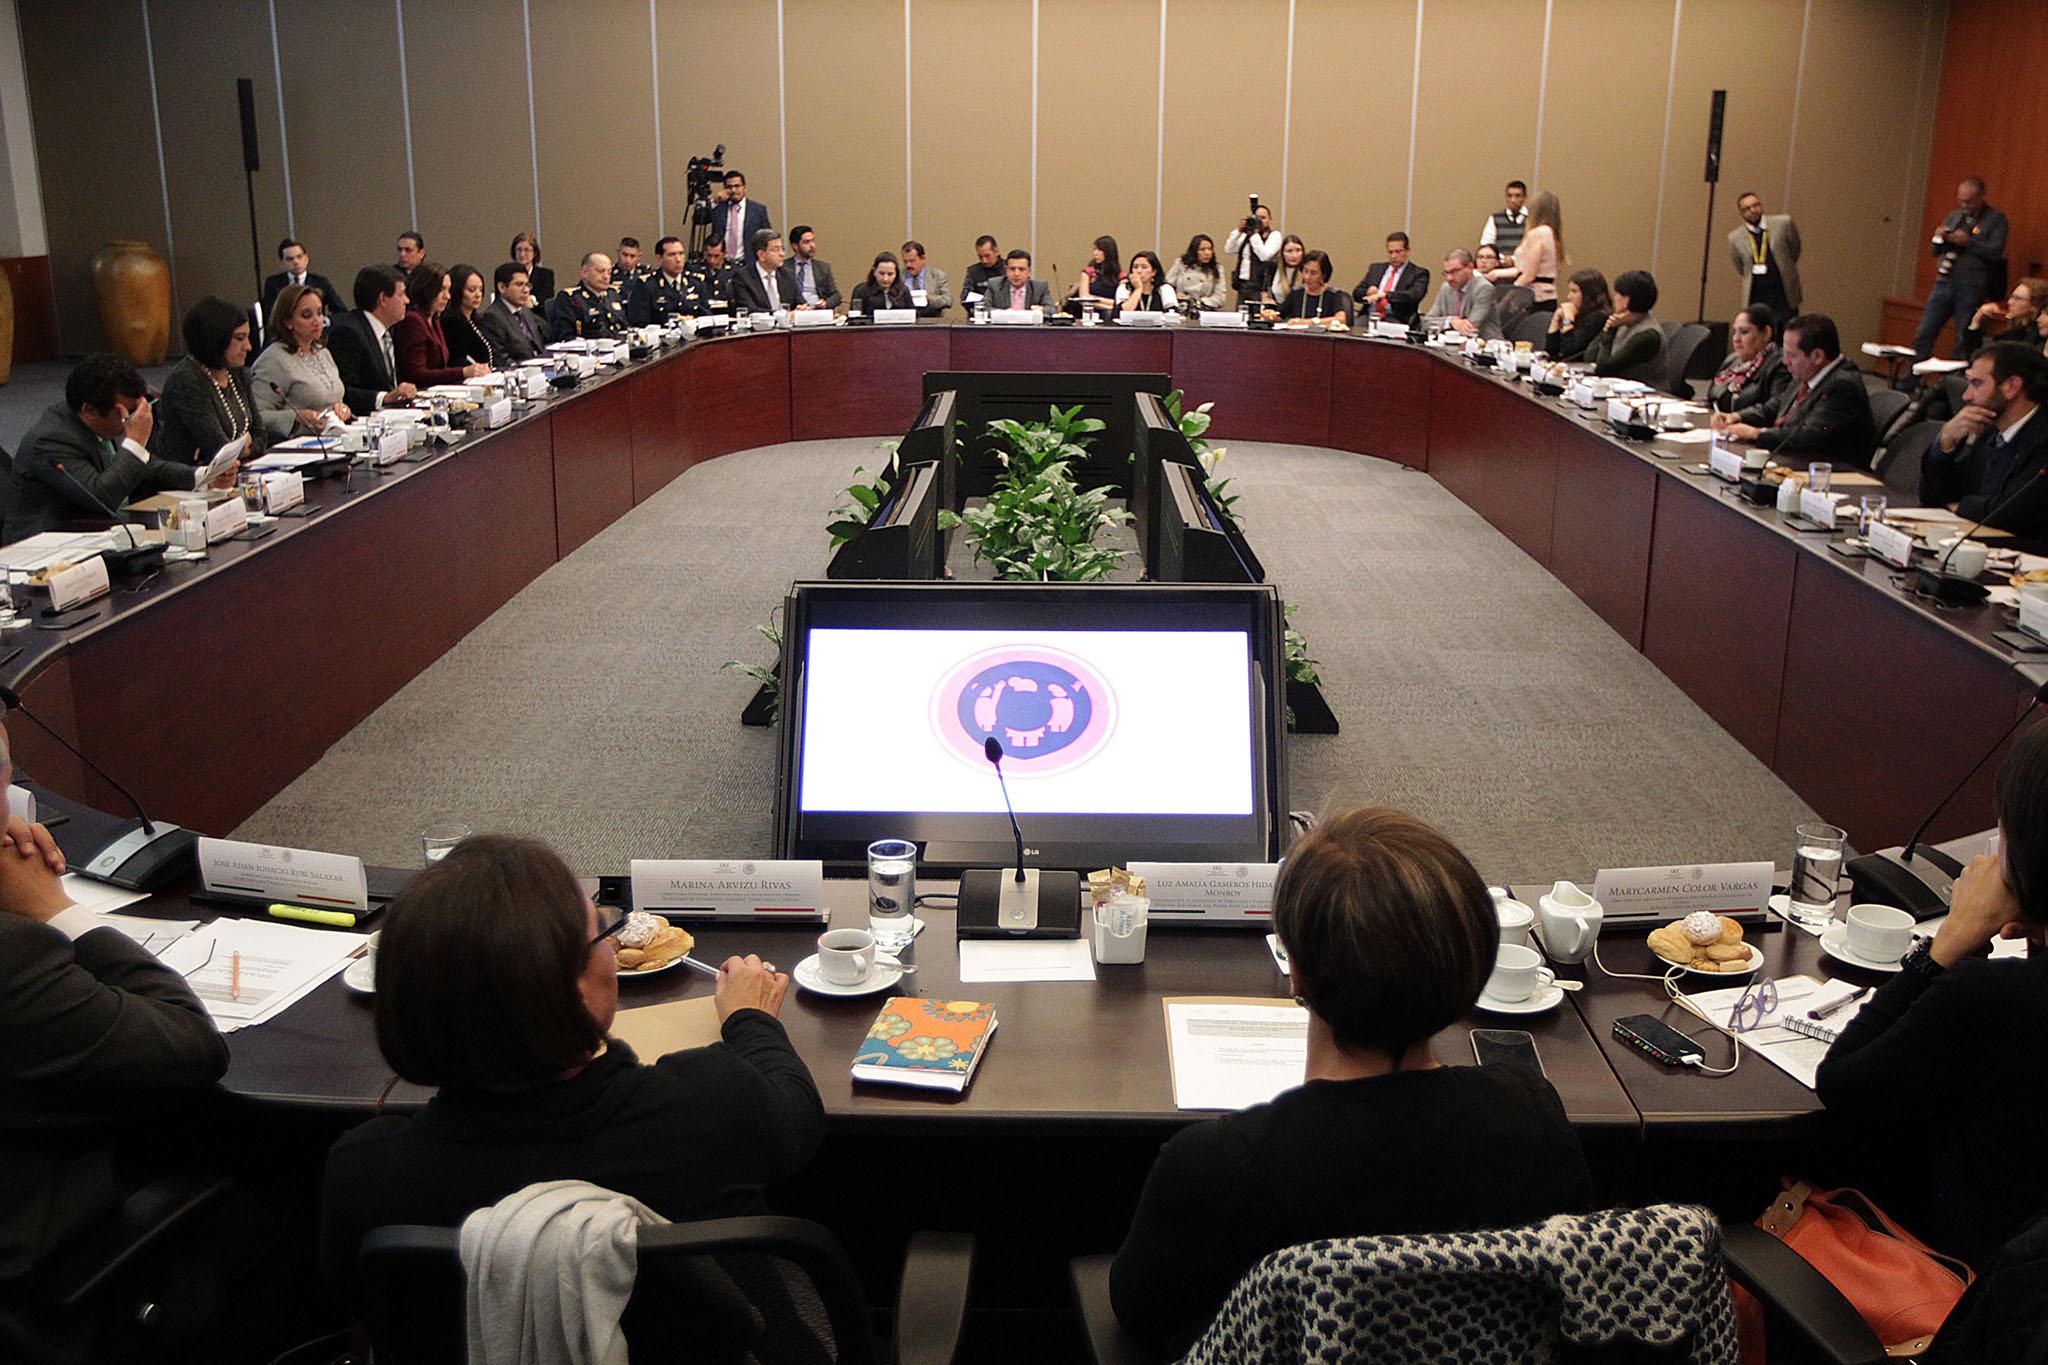 FOTO 3 Reuni n de Coordinaci n Intersecretarial para Atenci n de Obligaciones en Materia de G nero.jpg